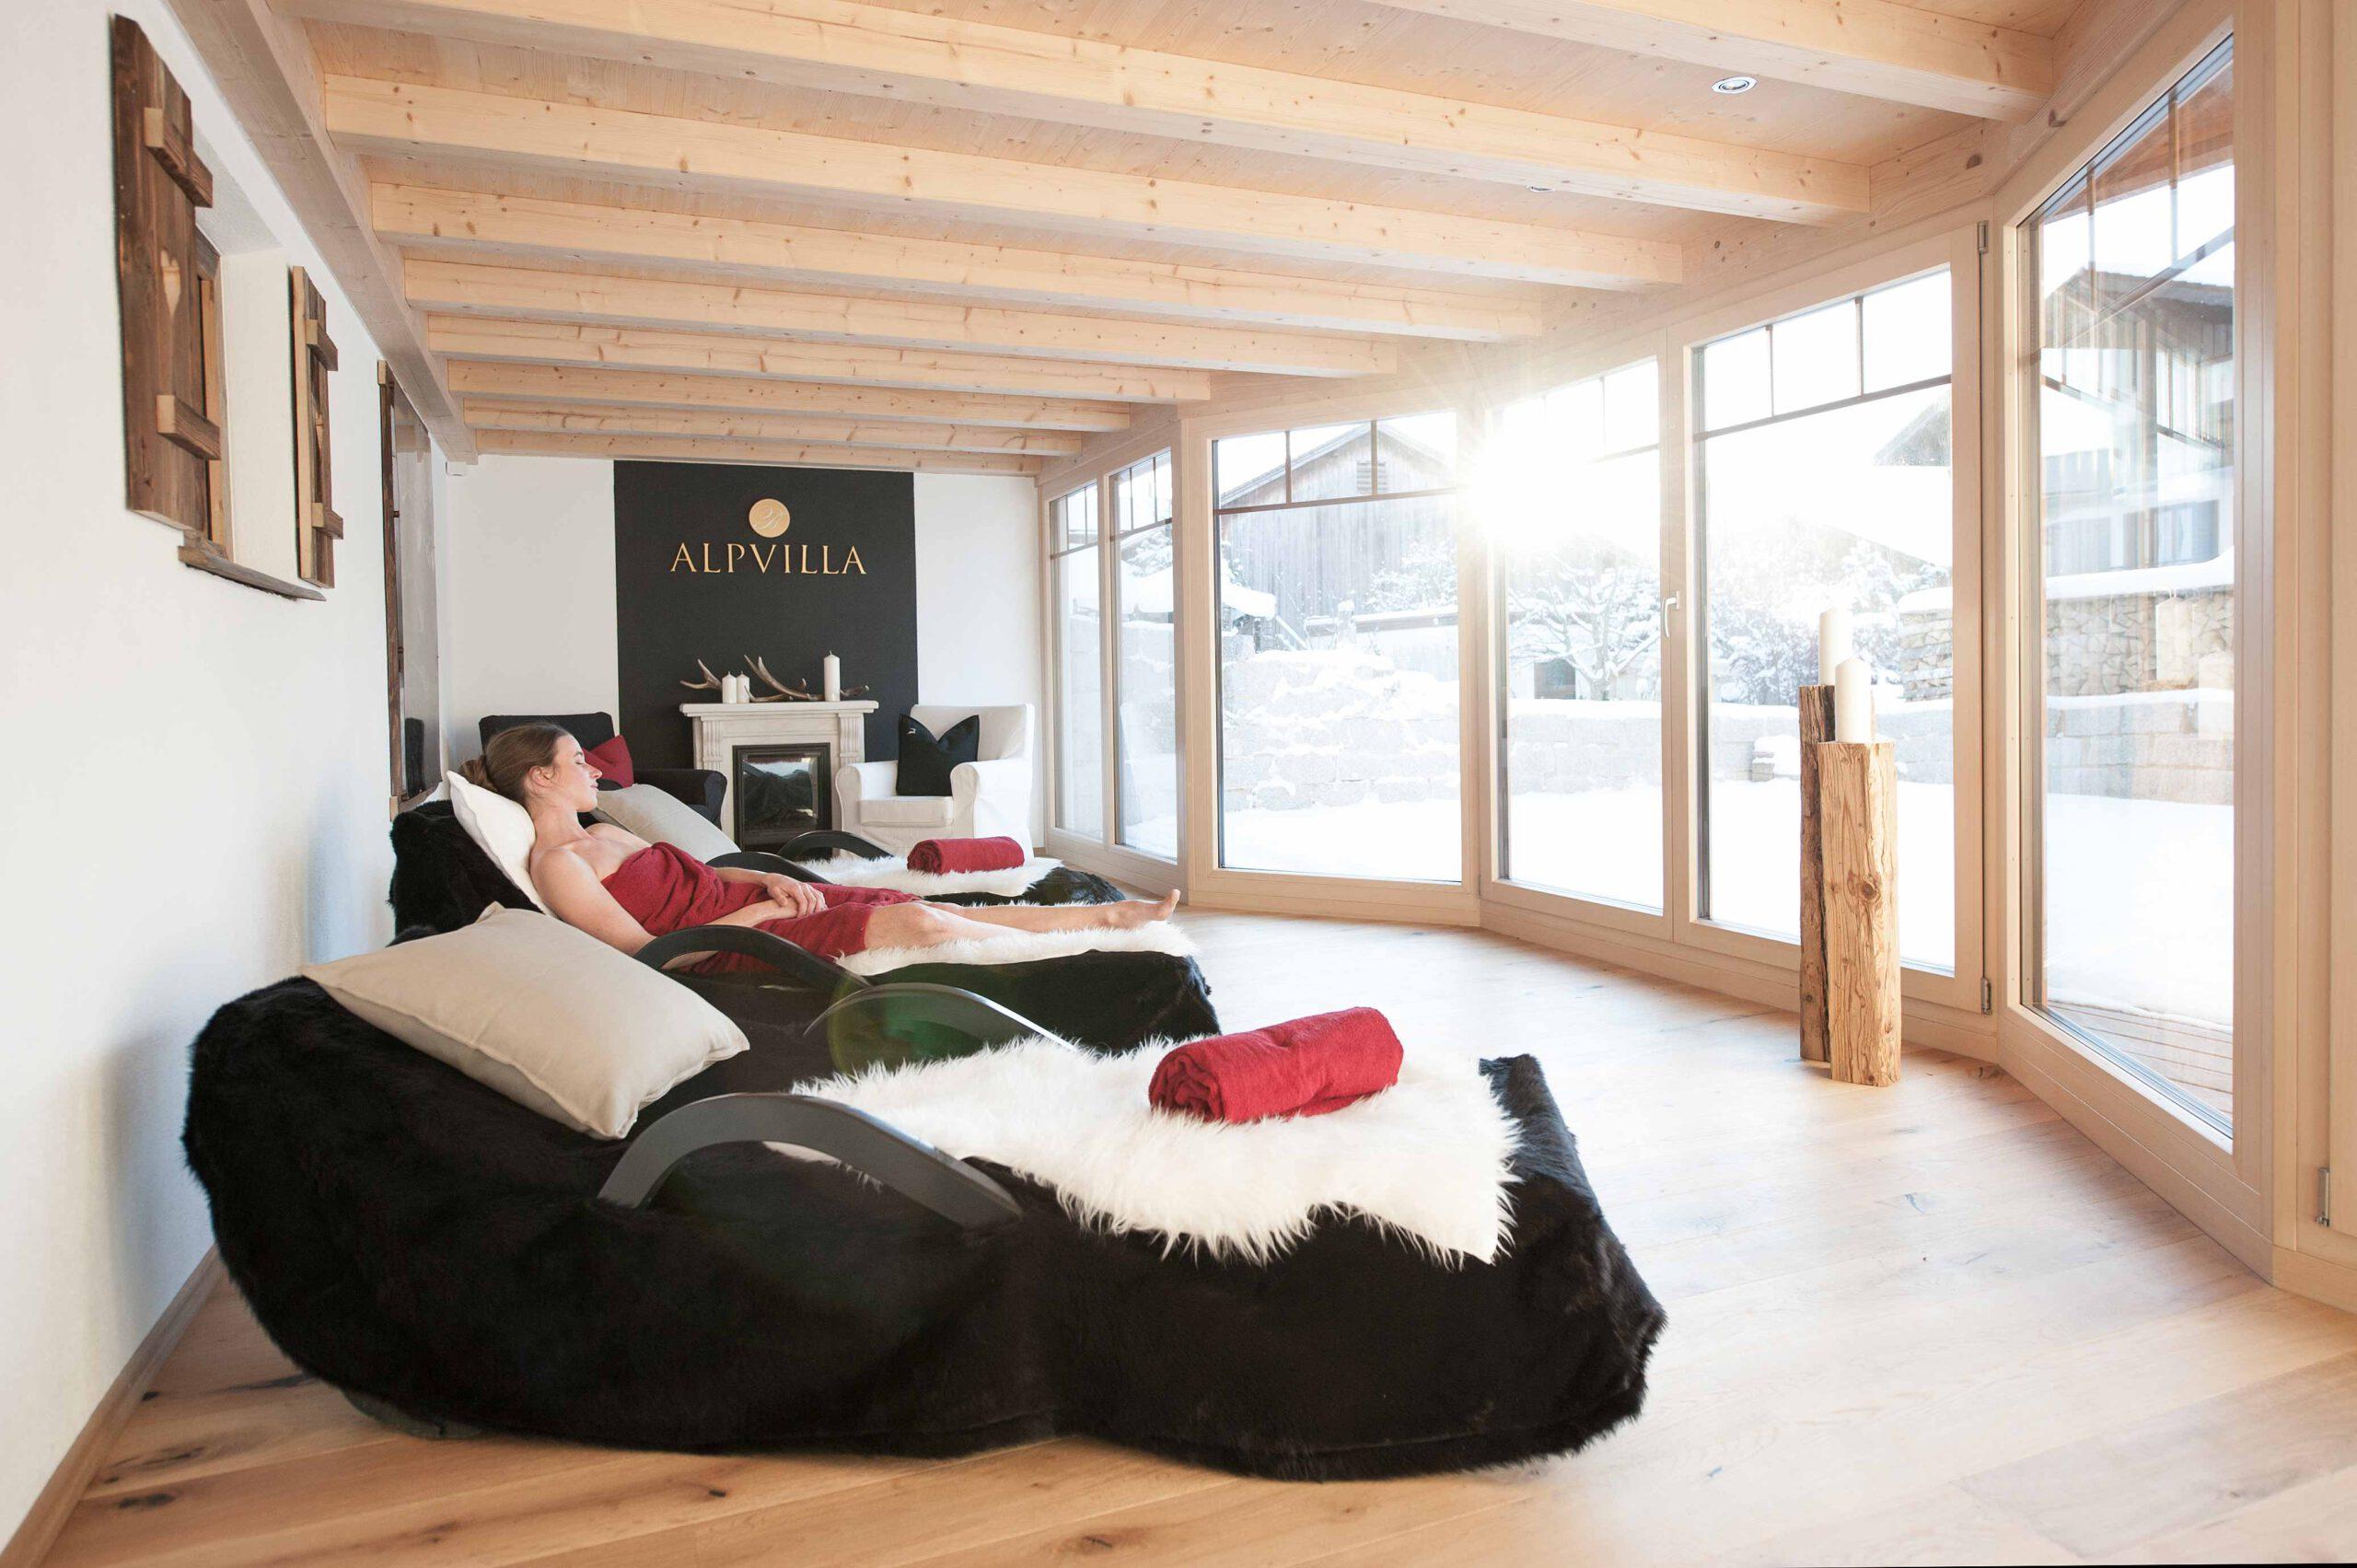 Ruheraum zum Entspannen mit Massageliegen